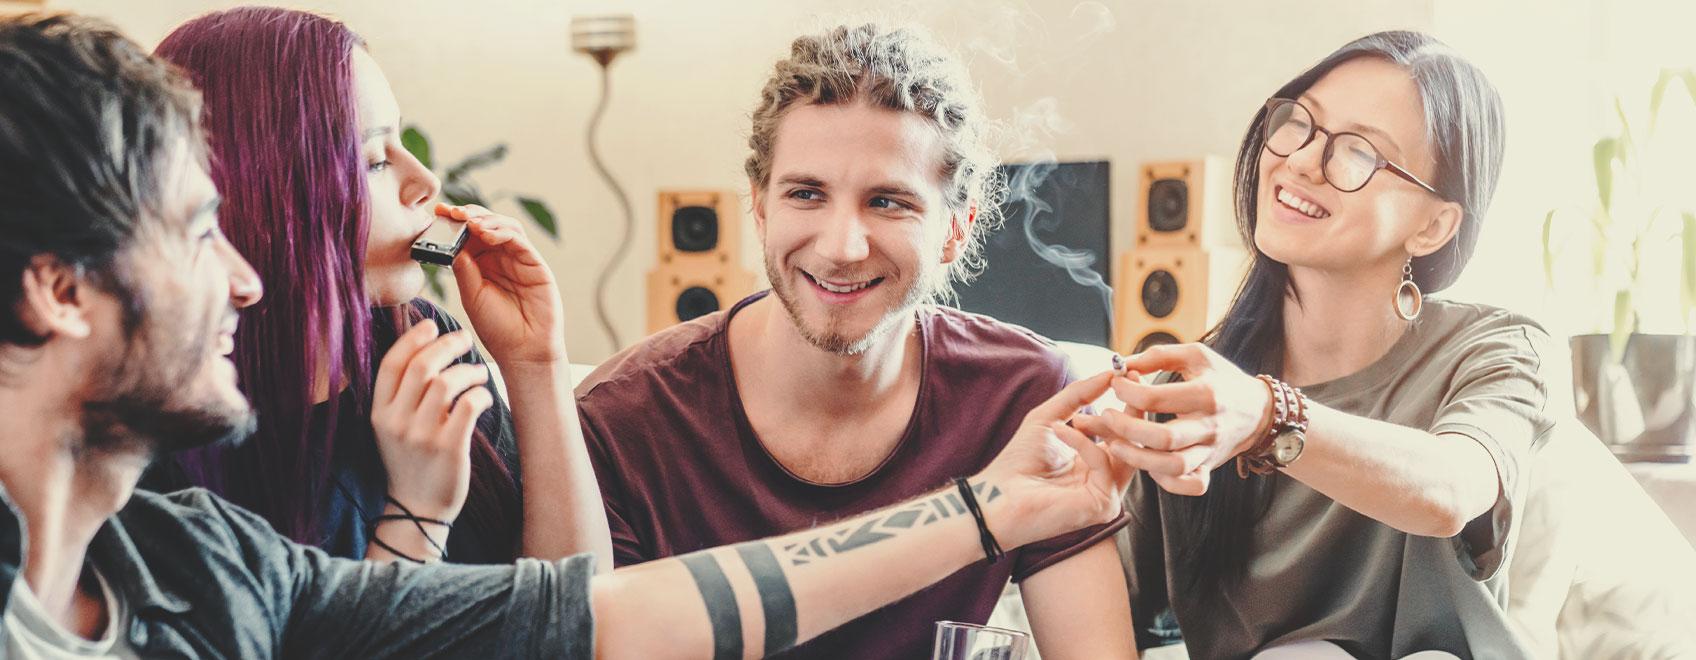 Wat veroorzaakt cannabisafhankelijkheid?